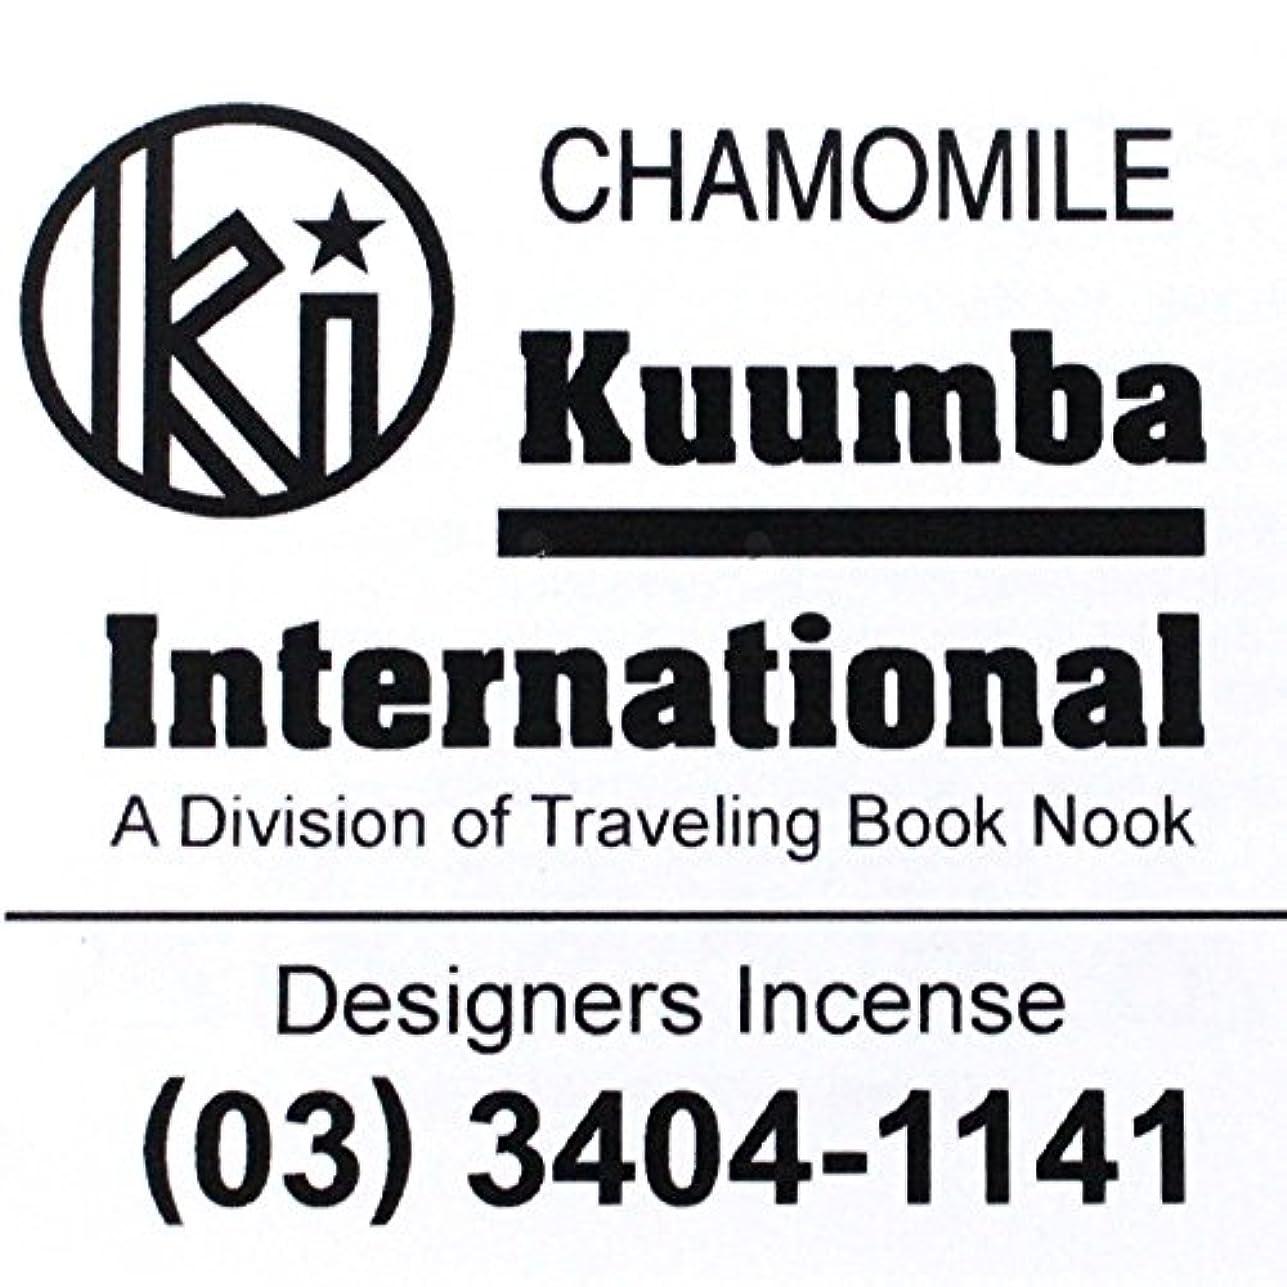 無しサスペンドリーズ(クンバ) KUUMBA『incense』(CHAMOMILE) (Regular size)